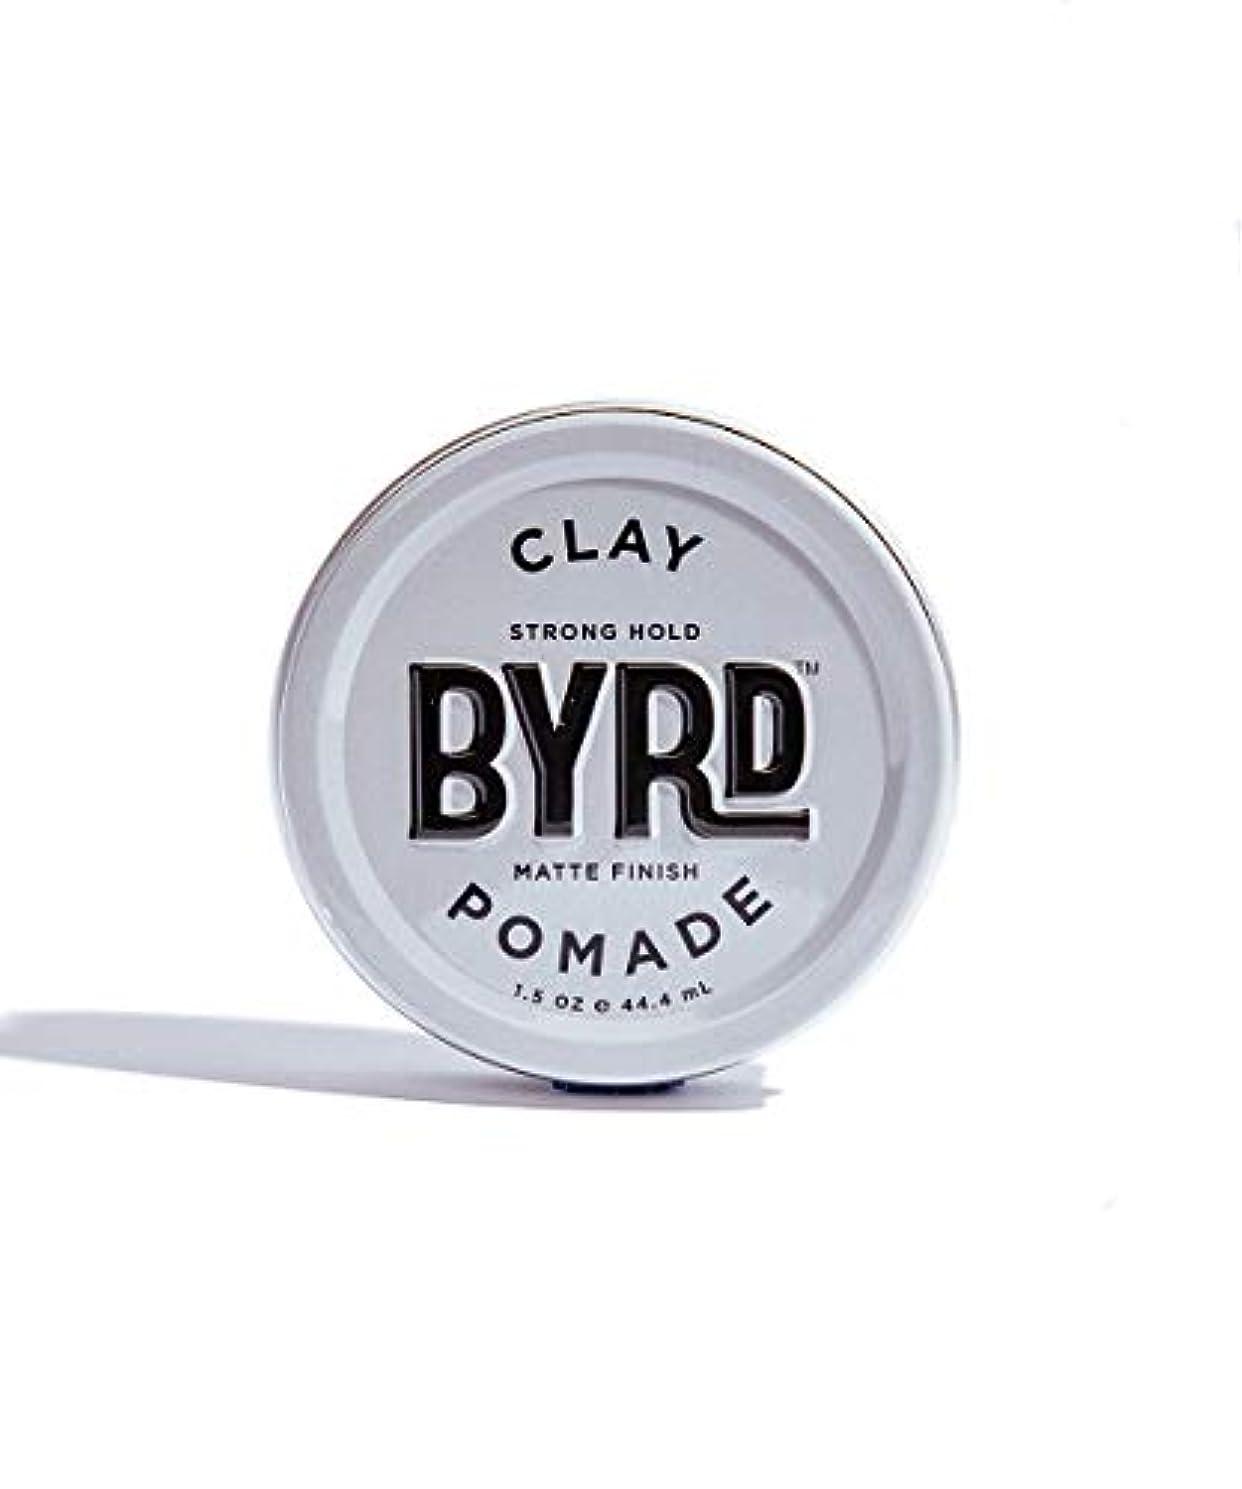 同化抹消にもかかわらずBYRD/クレイポマード 42g メンズコスメ ワックス ヘアスタイリング かっこいい モテ髪